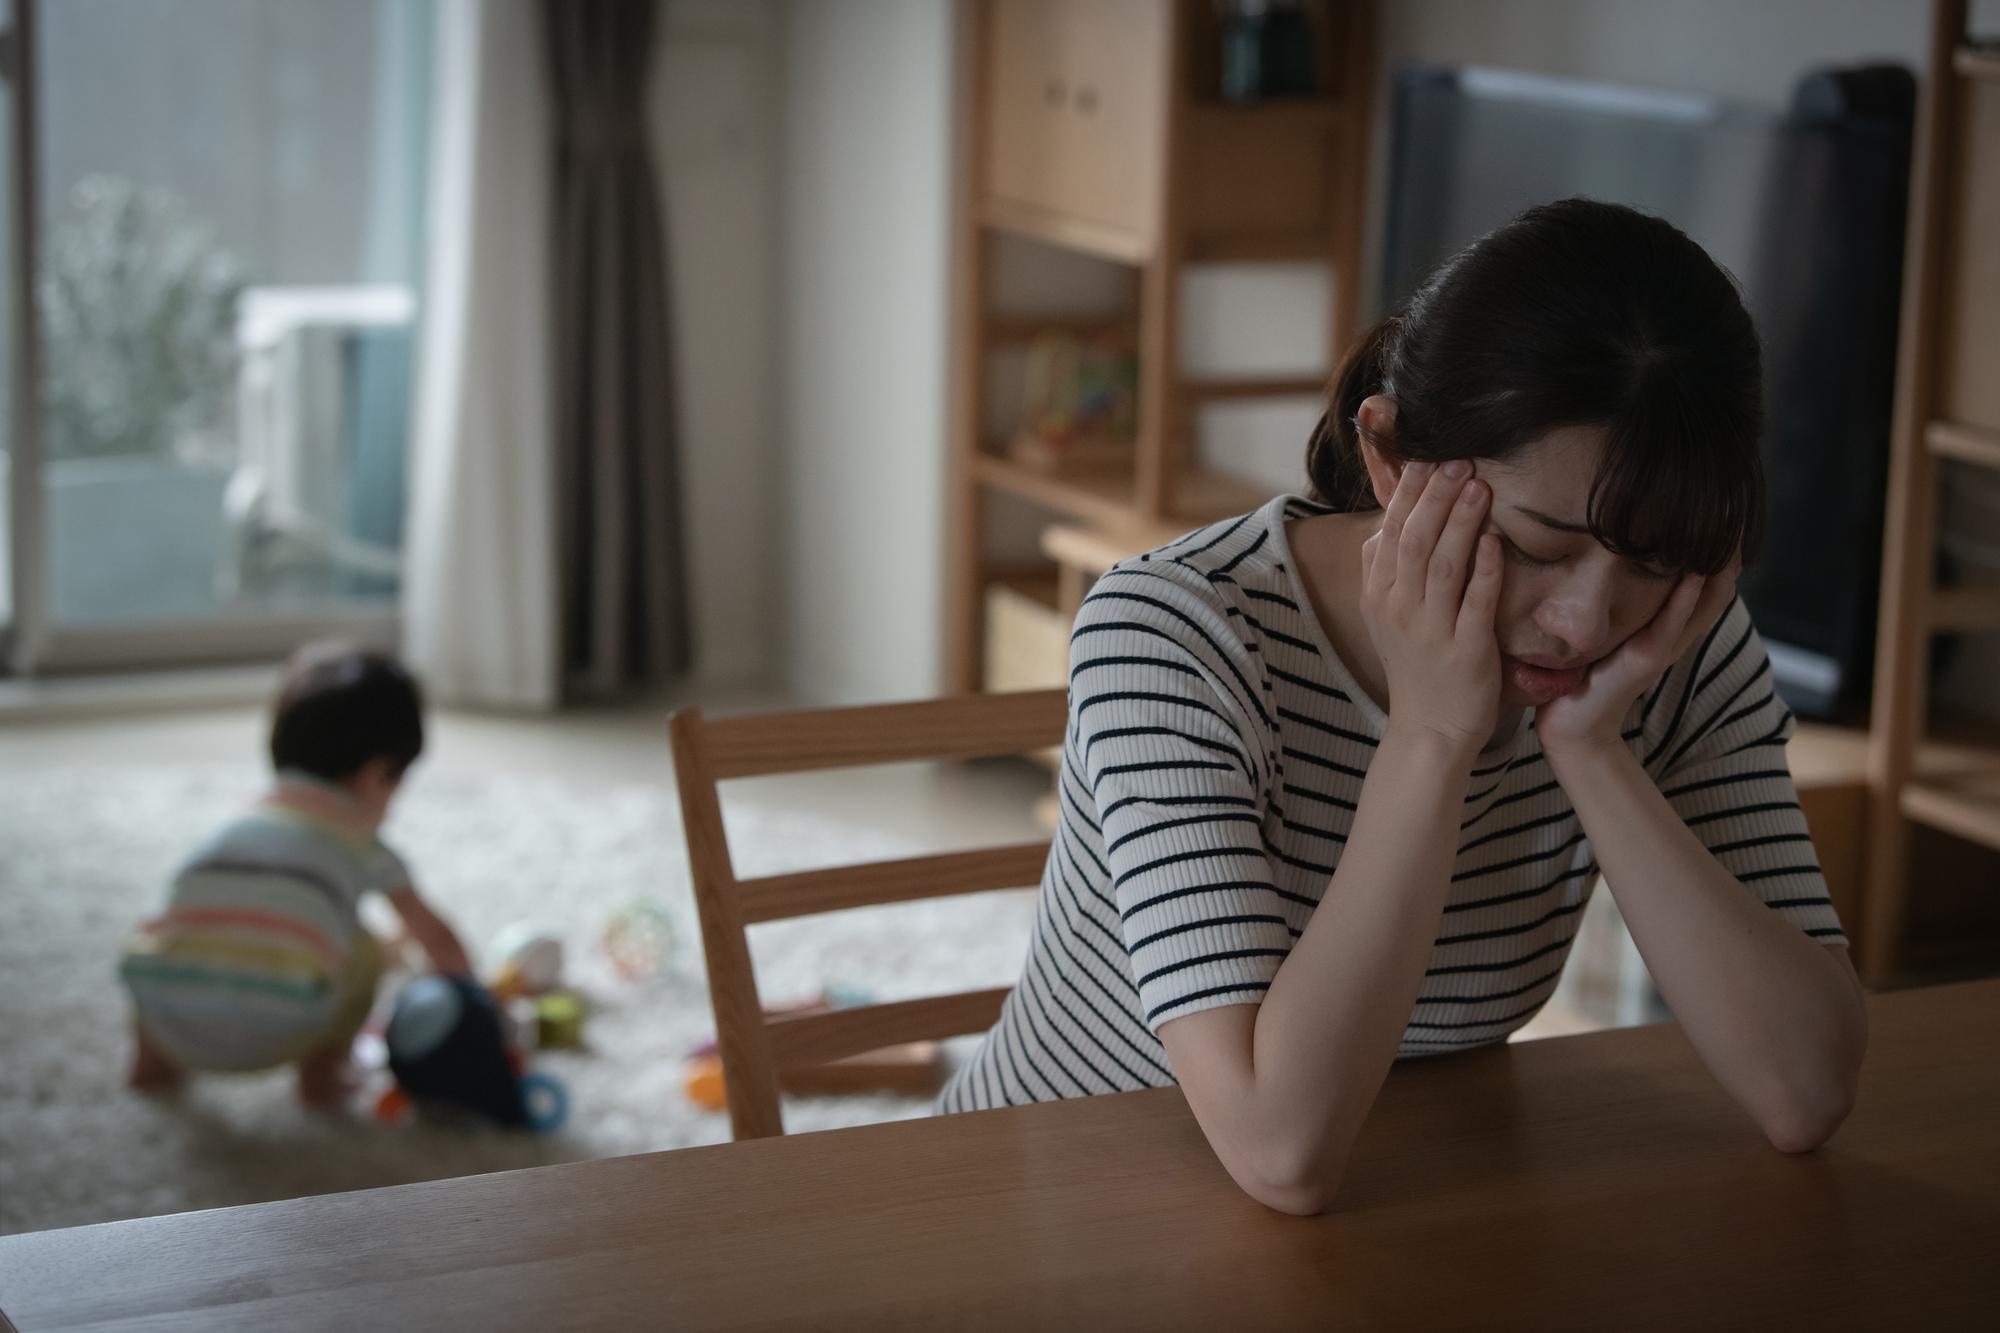 【医師解説】夜泣きでイライラ!親のストレスが子どもに伝わる?どう対処したらいい?